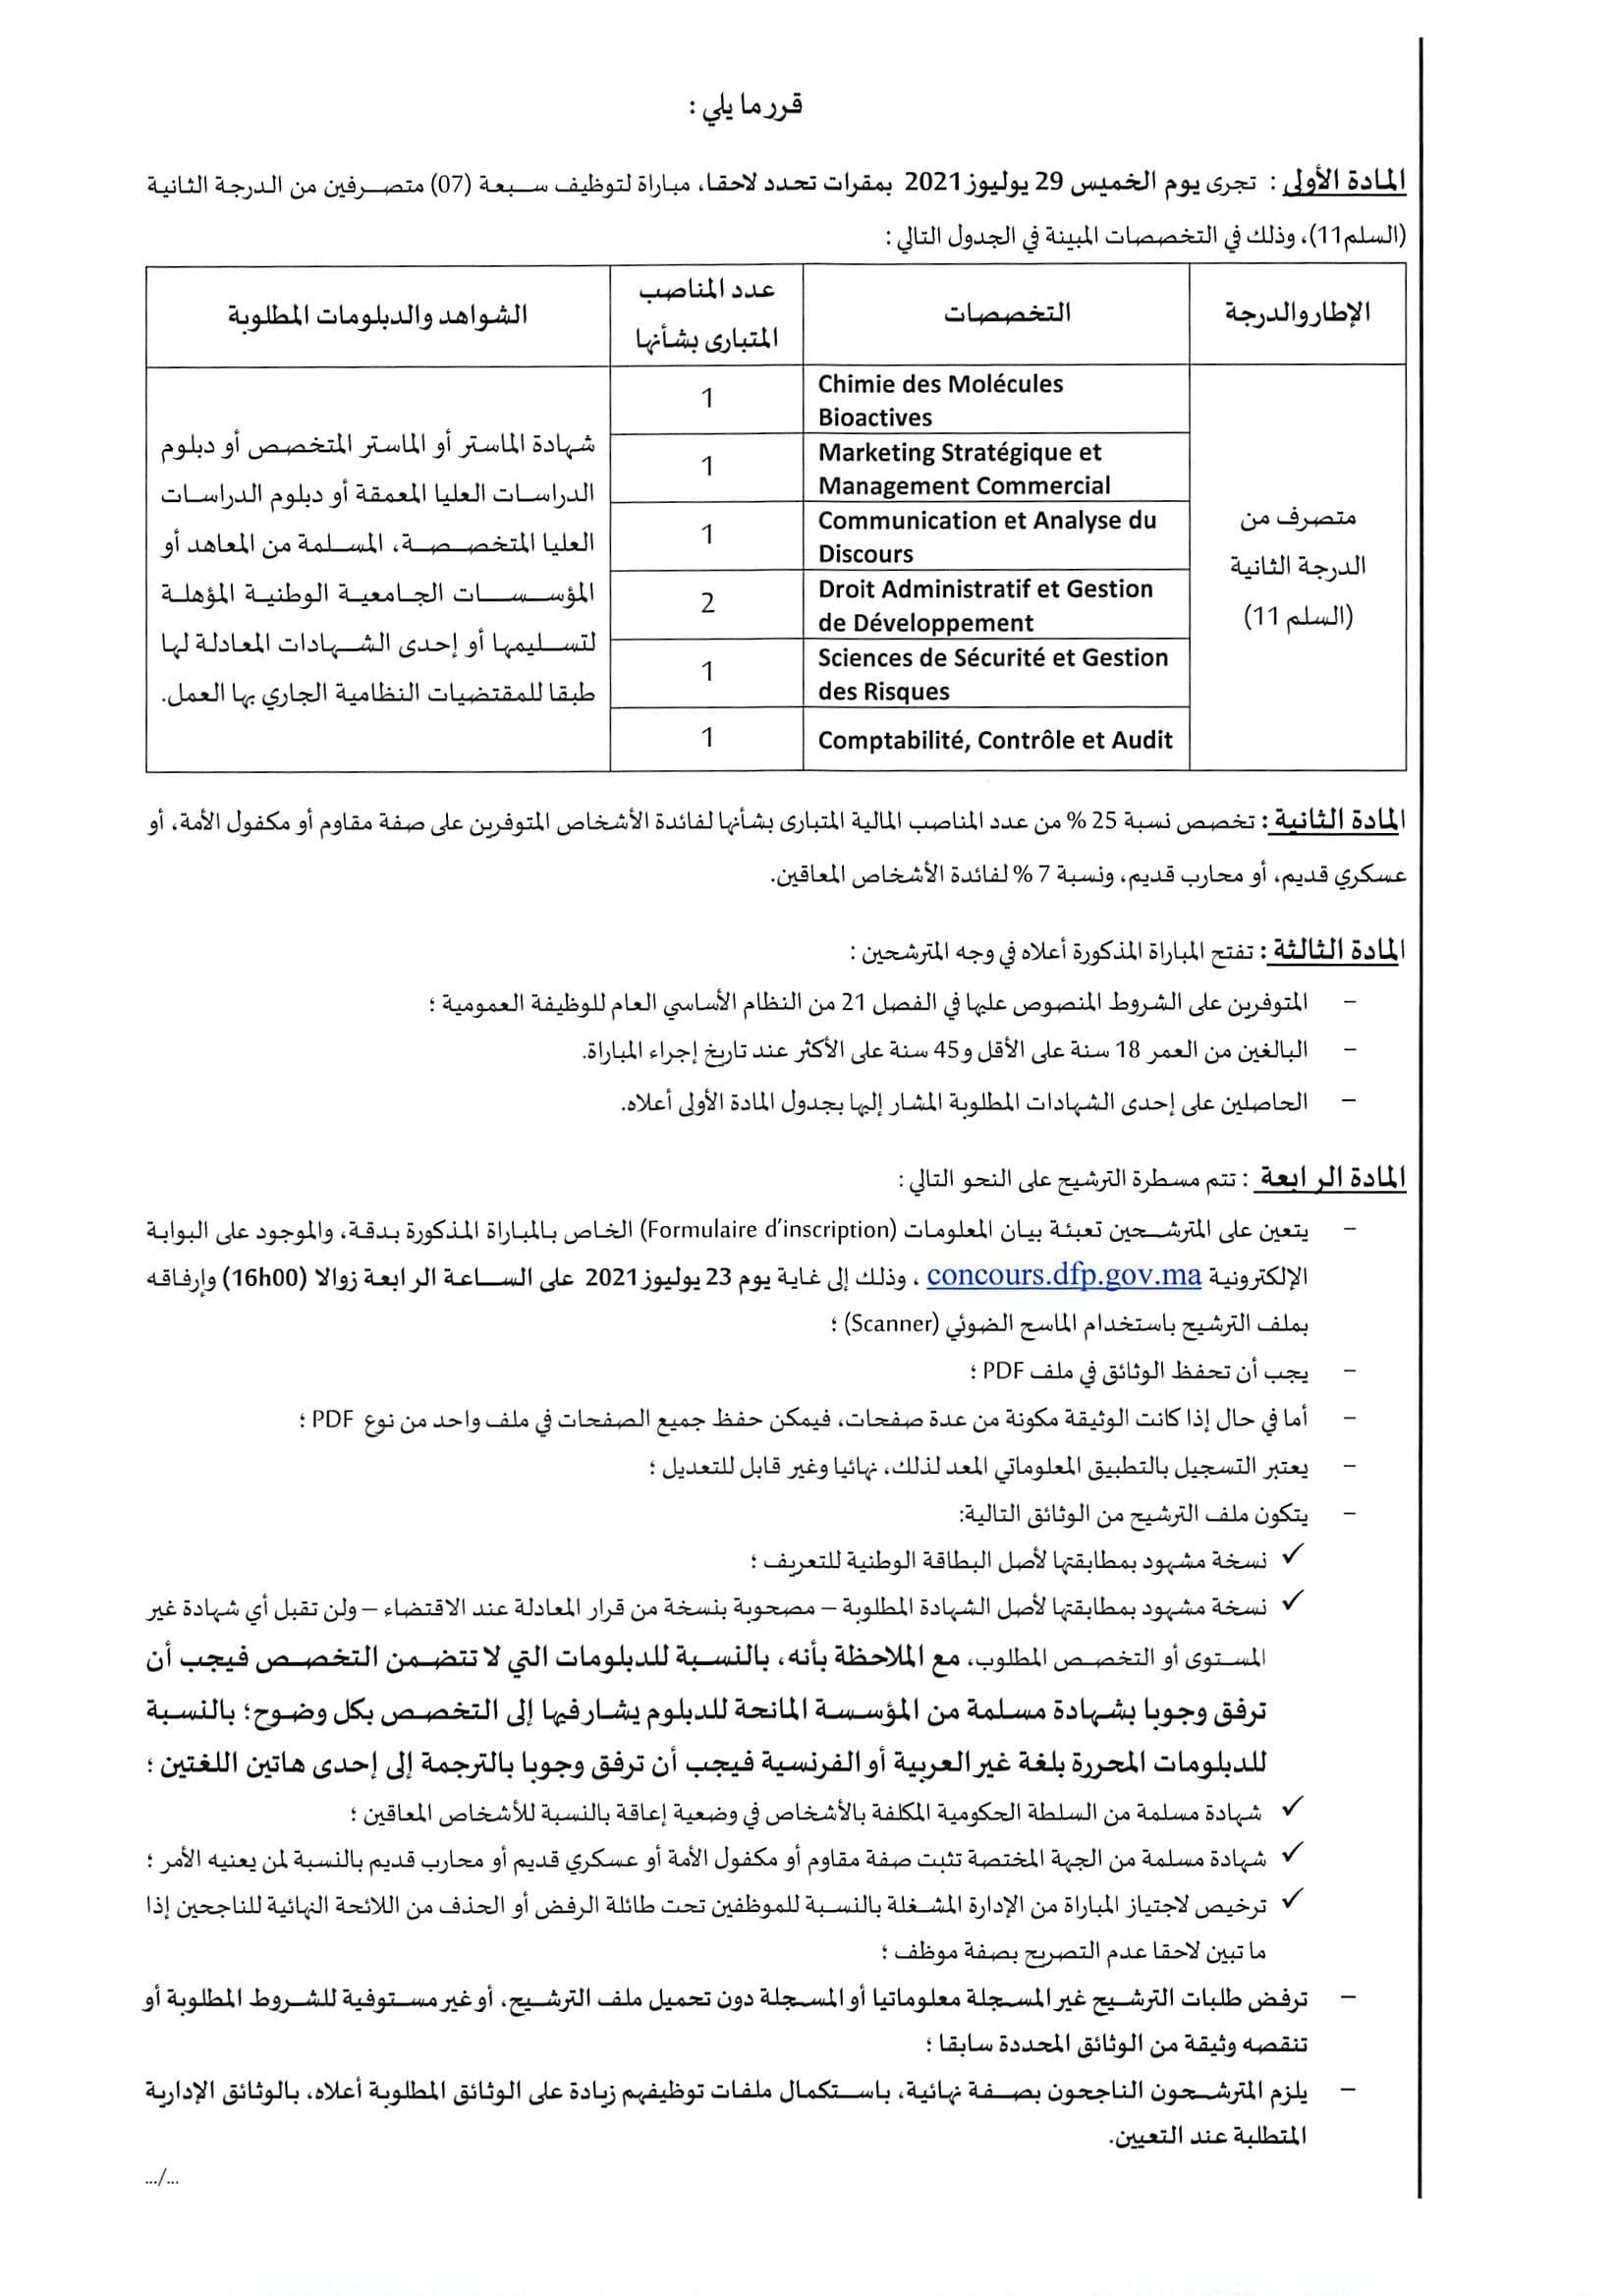 235 2 Résultats Concours Ministère de l'Education Nationale 2021 (10 Postes)